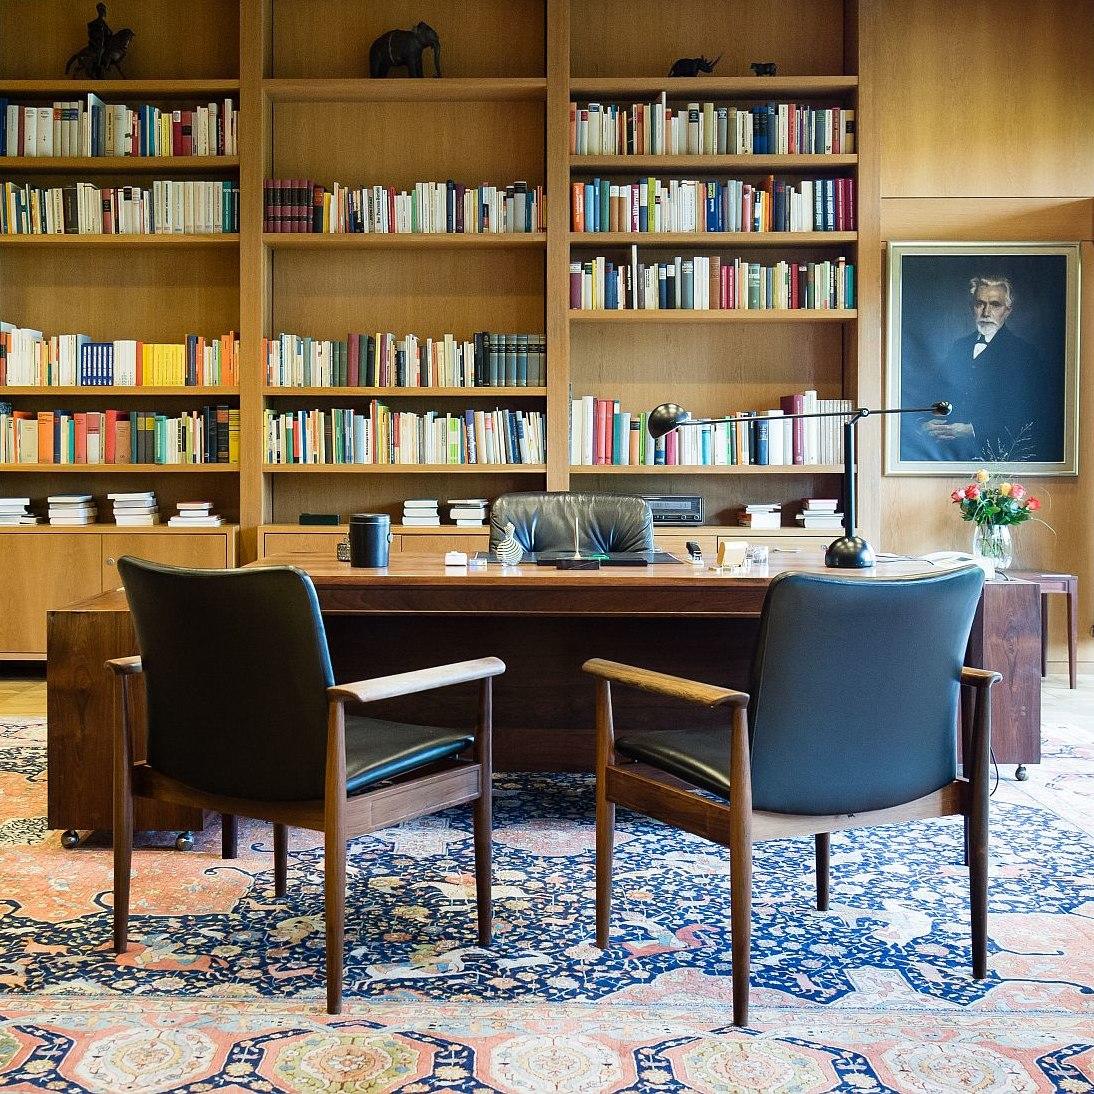 desk of the former Federal Chancellor Helmut Schmidt